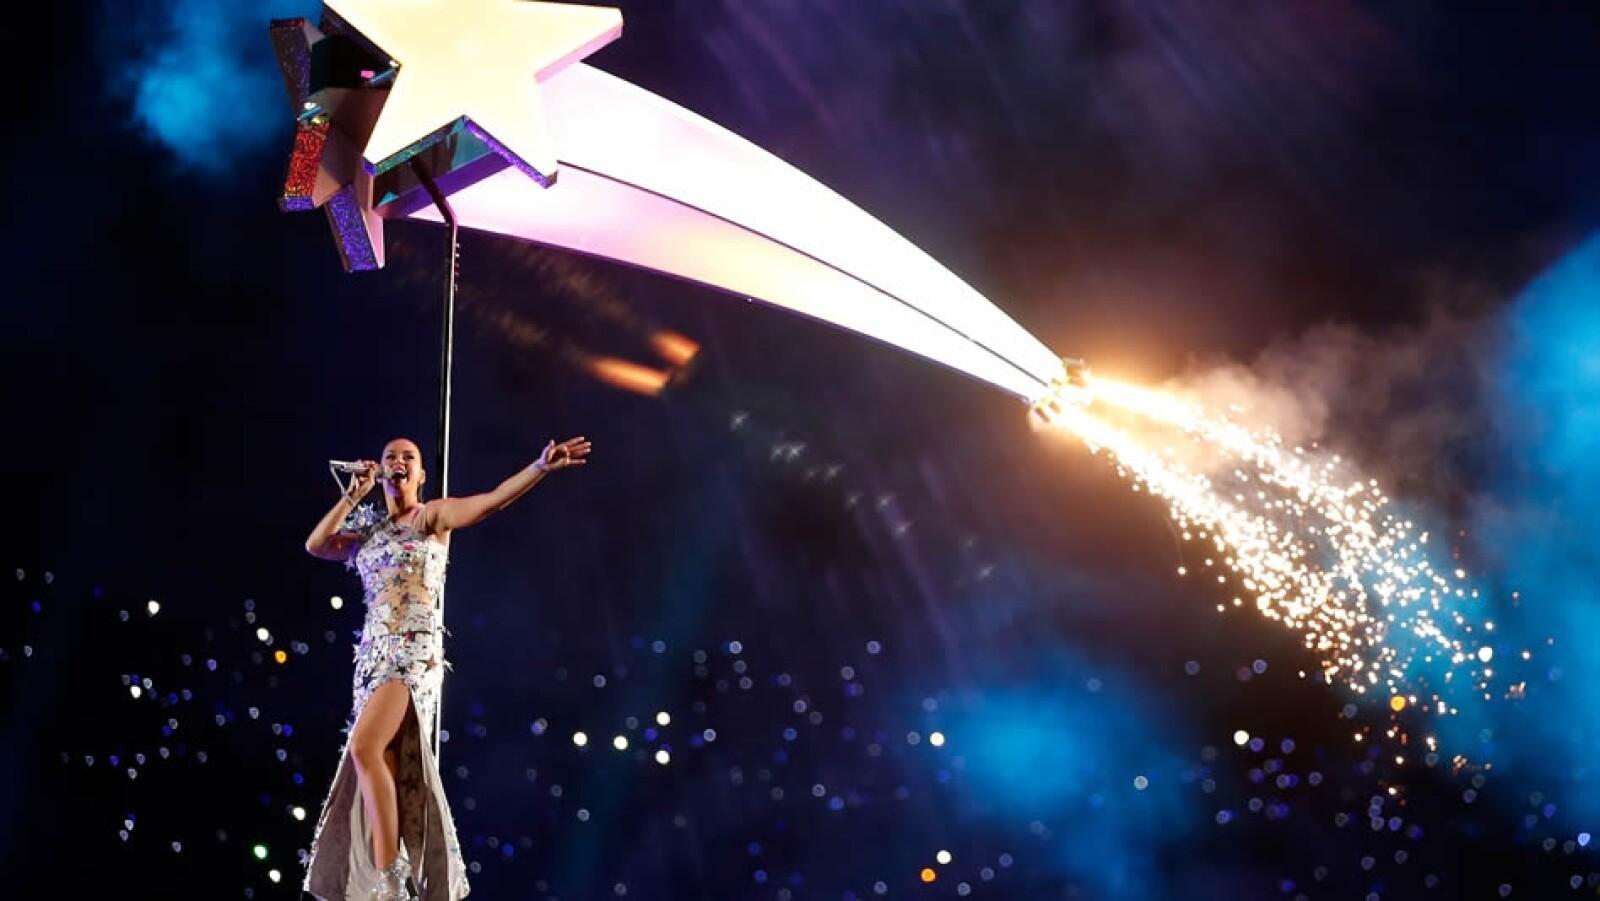 La cantante californiana cantó ?Fireworks? movida por estrellas de luces